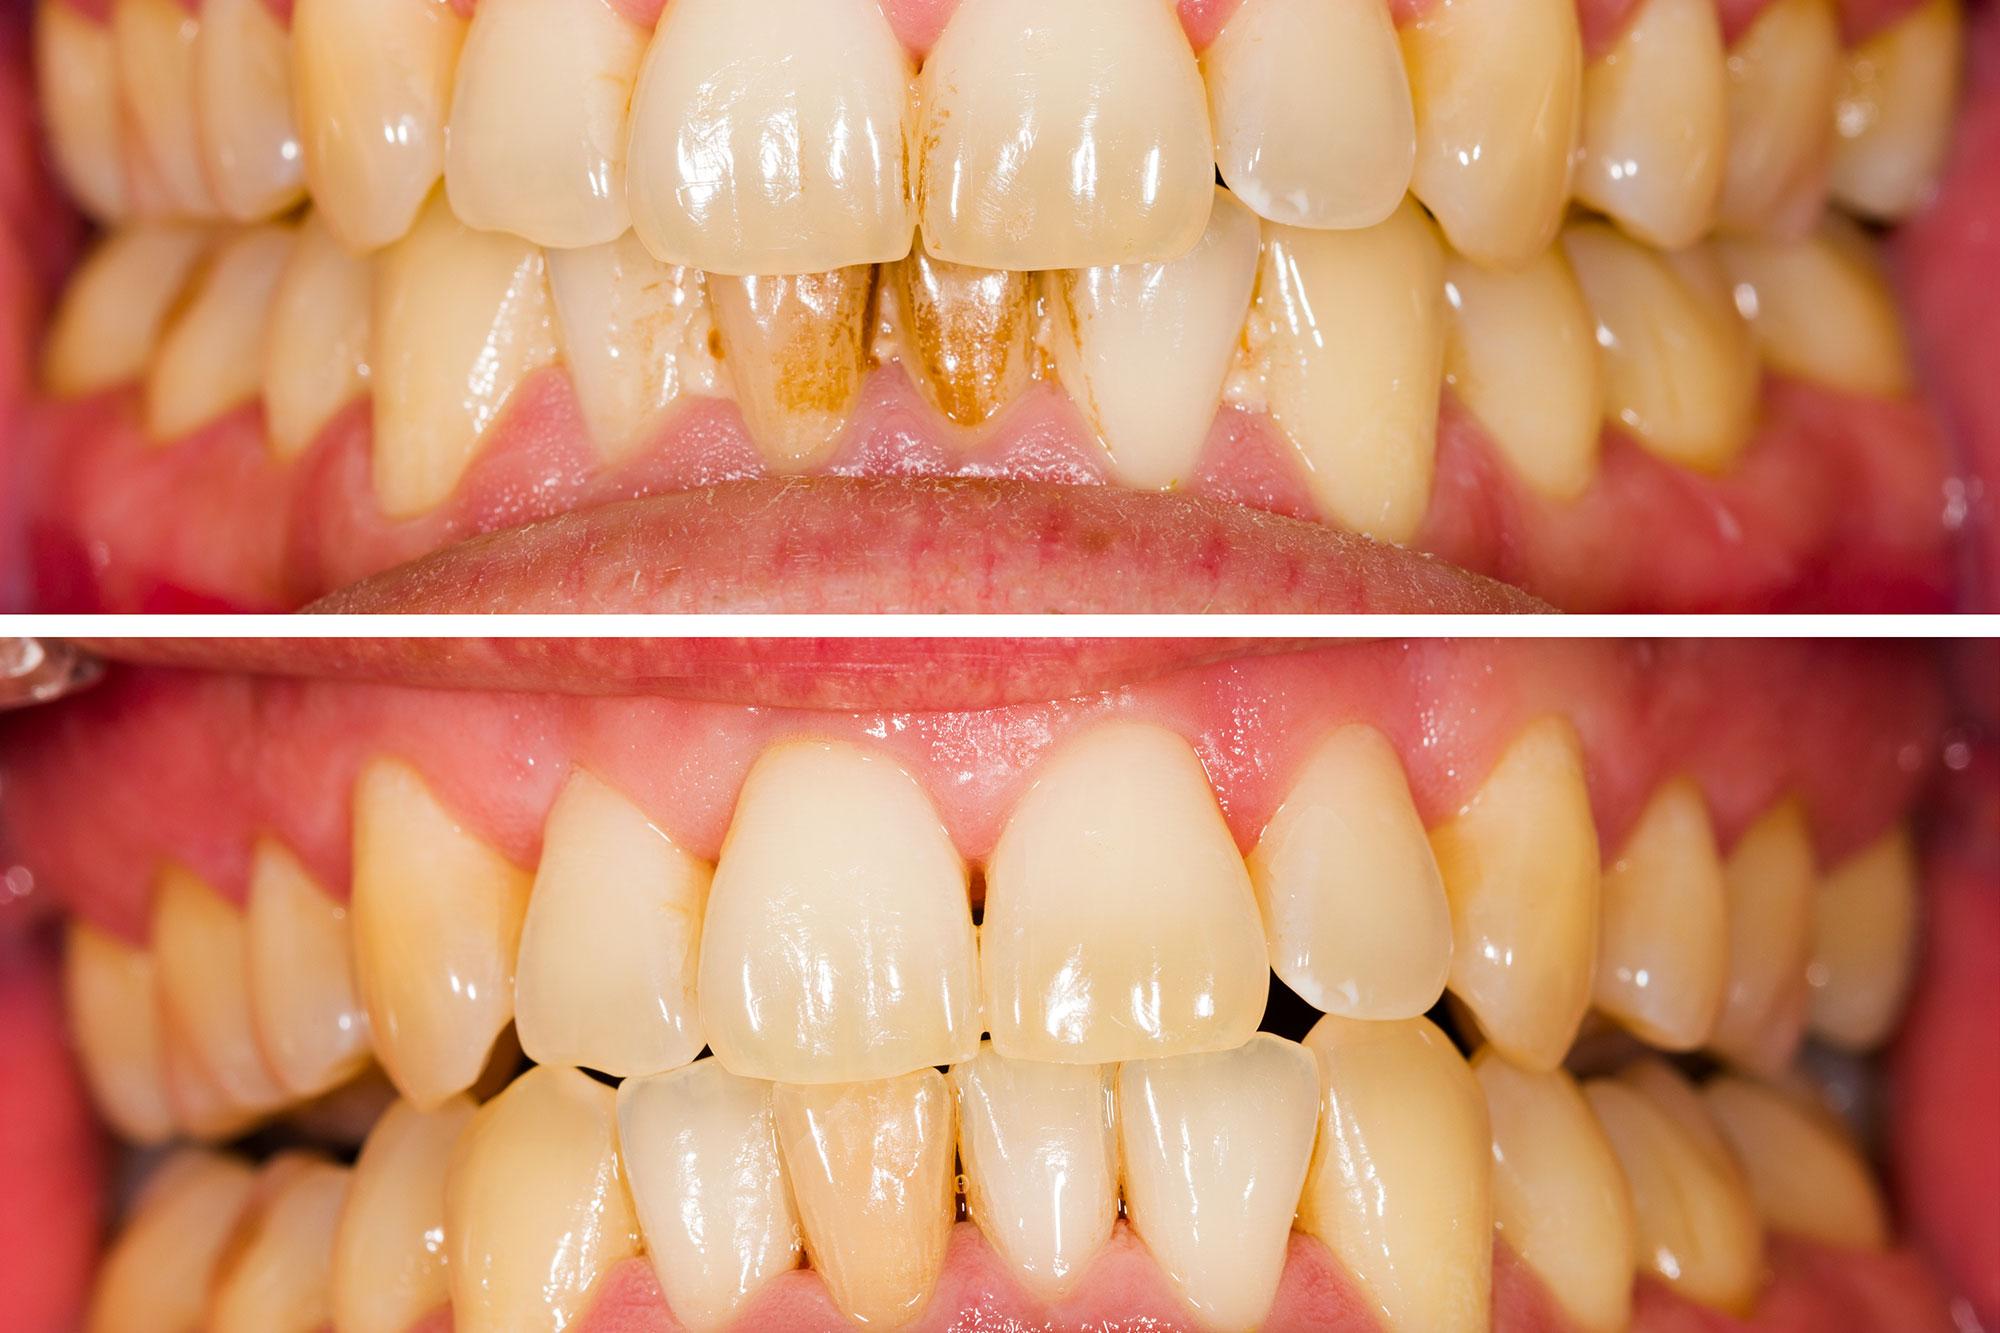 مشکلات ژنتیکی دندان